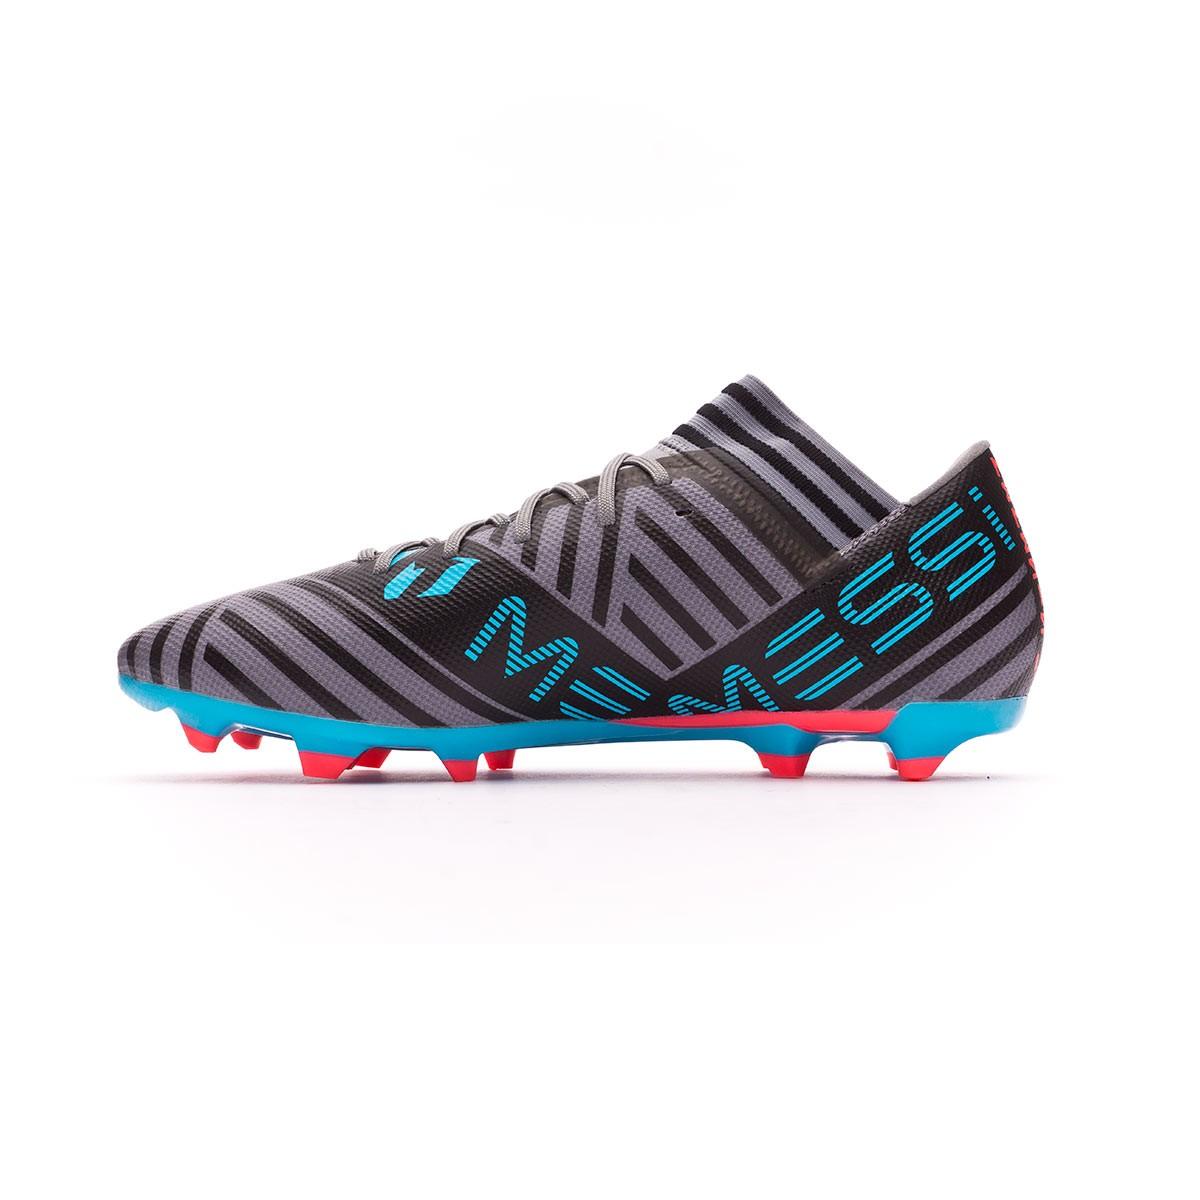 Scarpe adidas Nemeziz Messi 17.3 FG Grey-White-Core black - Negozio di  calcio Fútbol Emotion 76825cb259f